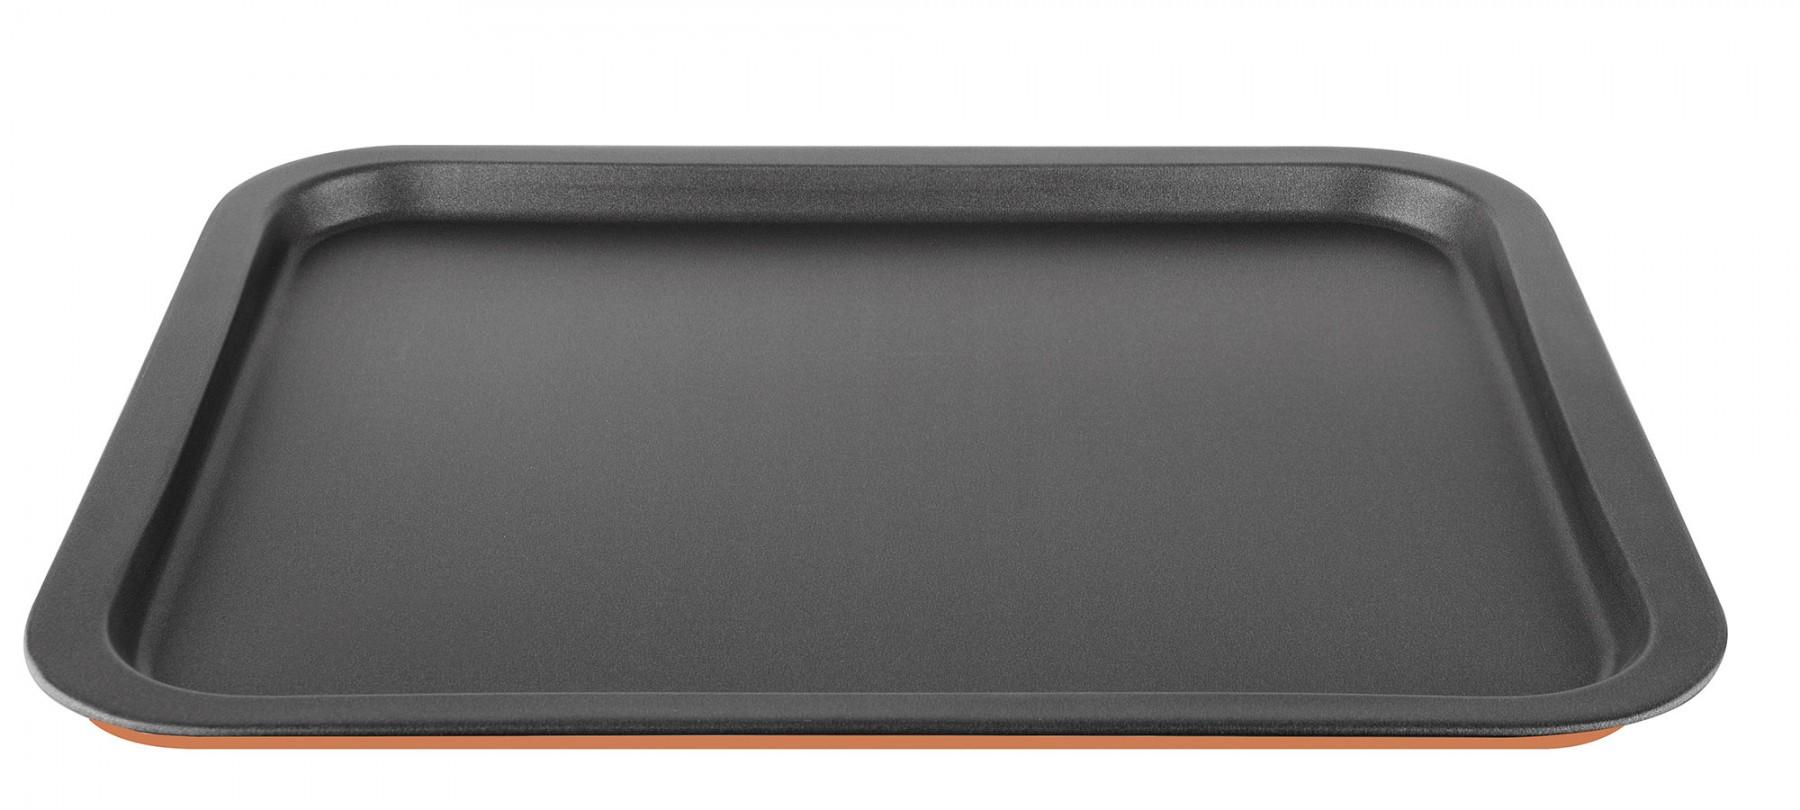 Ταψί Ζαχαροπλαστικής Αντικολλητικό 43x37 Ορθογώνιο PAL 40000879 Πορτοκαλί